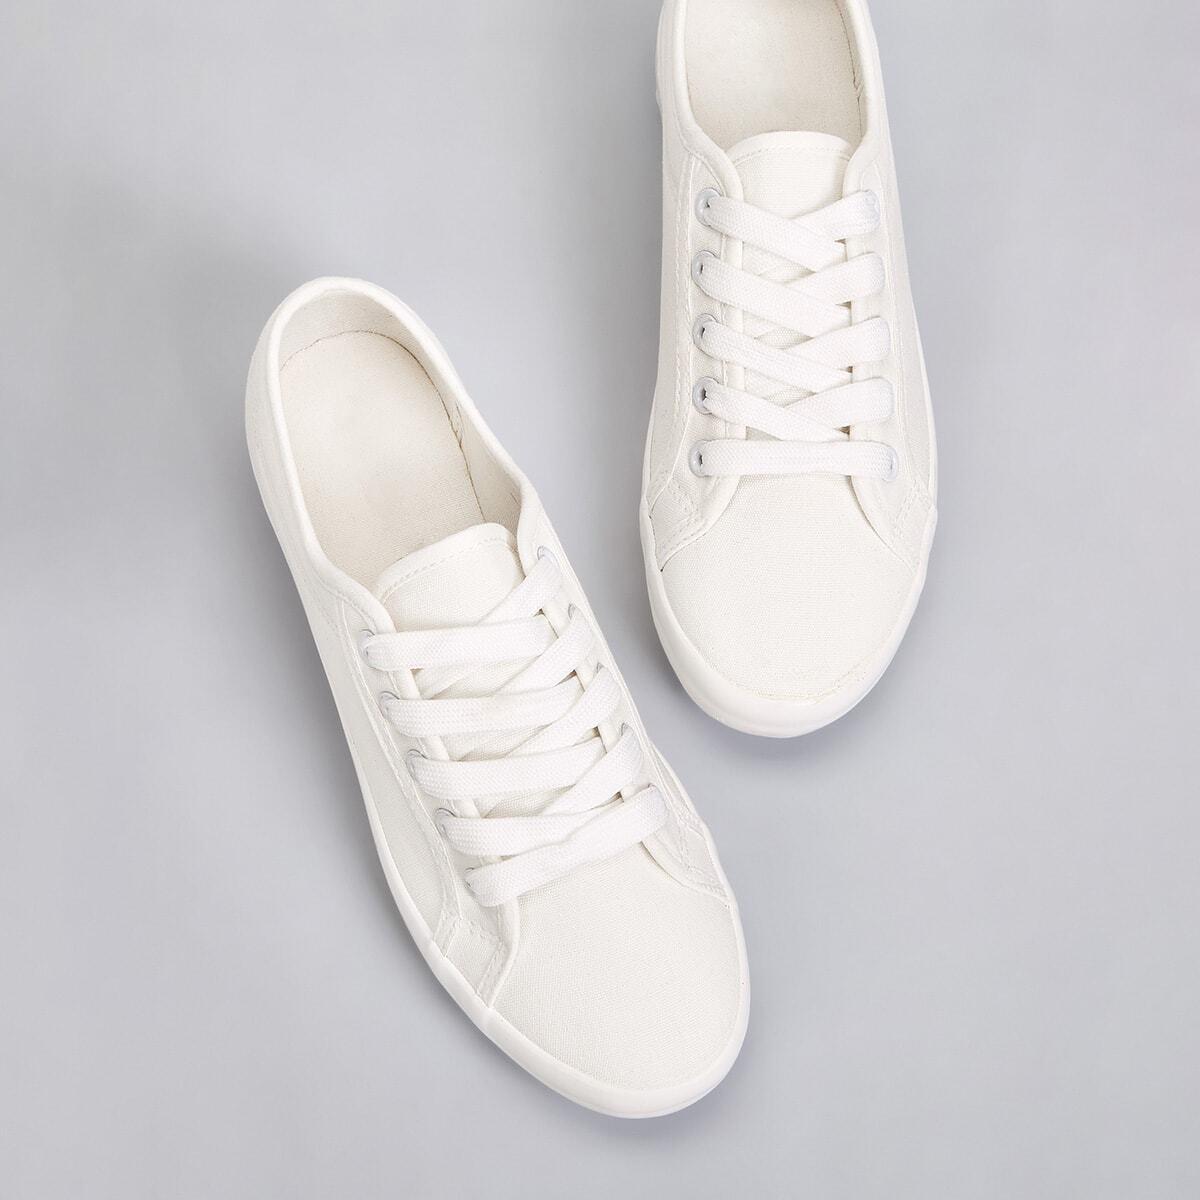 Однотонные кроссовки на шнурках от SHEIN